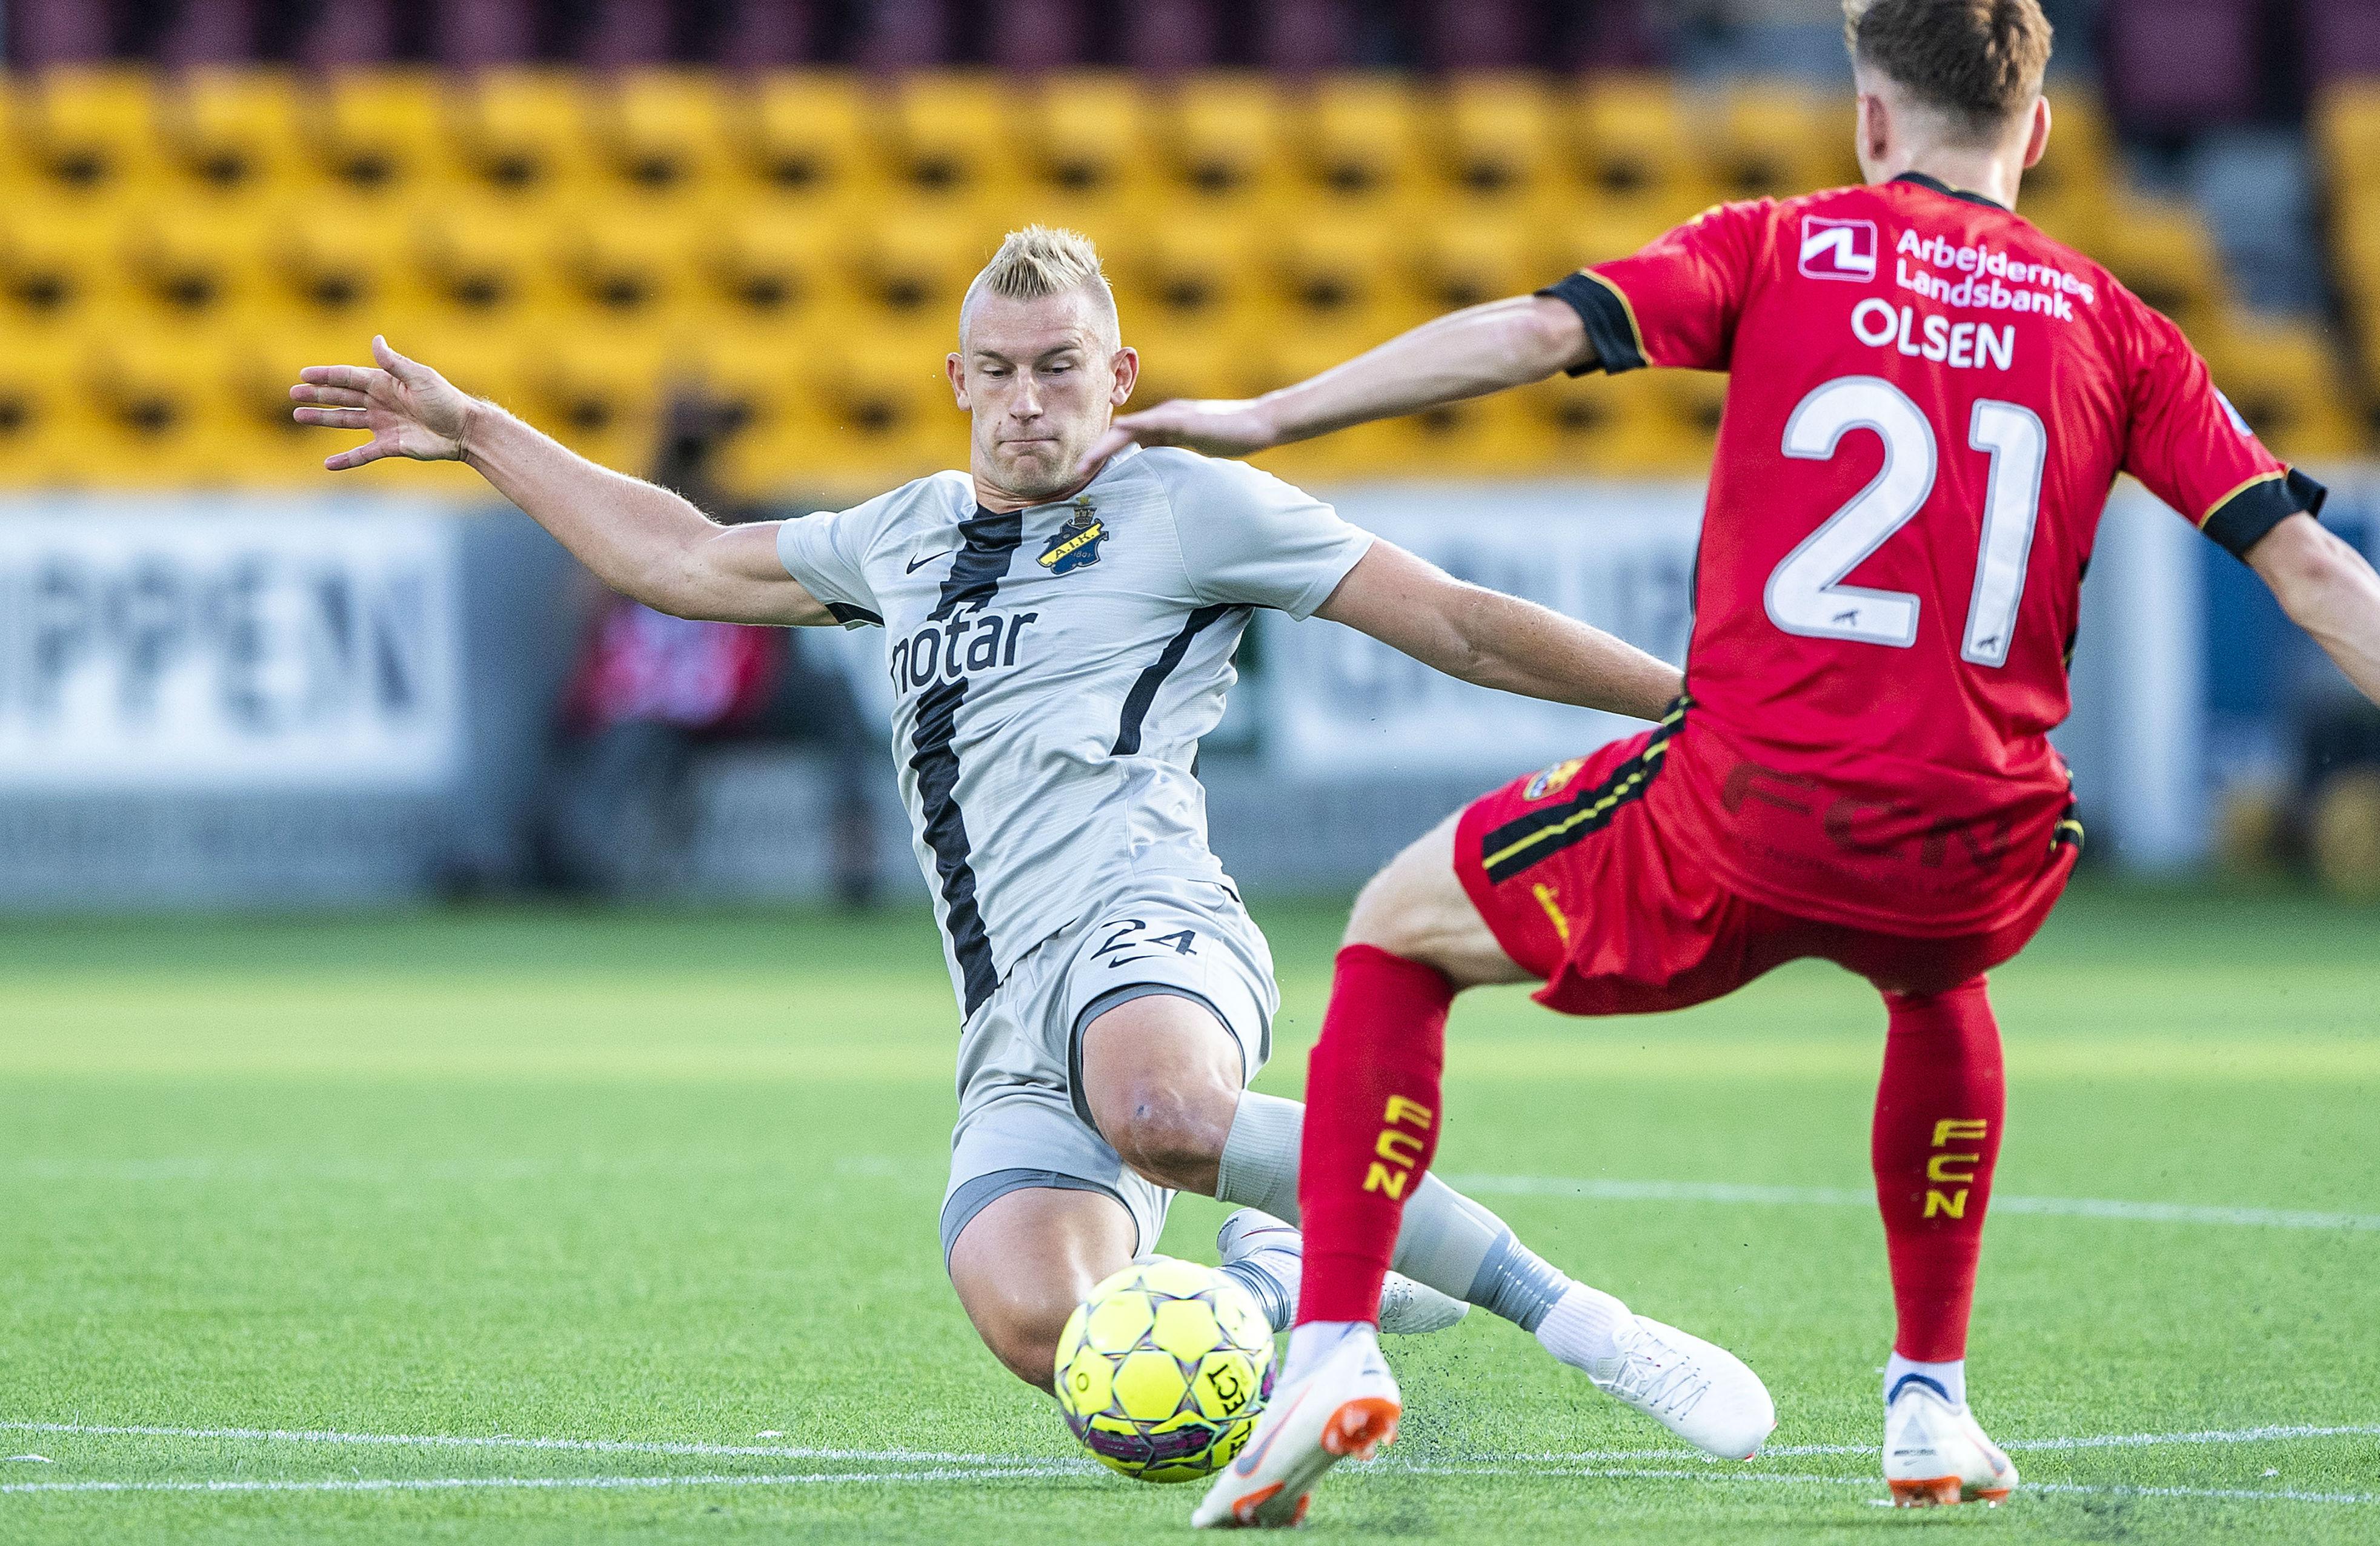 """Vafan gör du i Bengtsfors """" – Fotboll Sthlm möter Robin Jansson ... 1f2ca9562e490"""